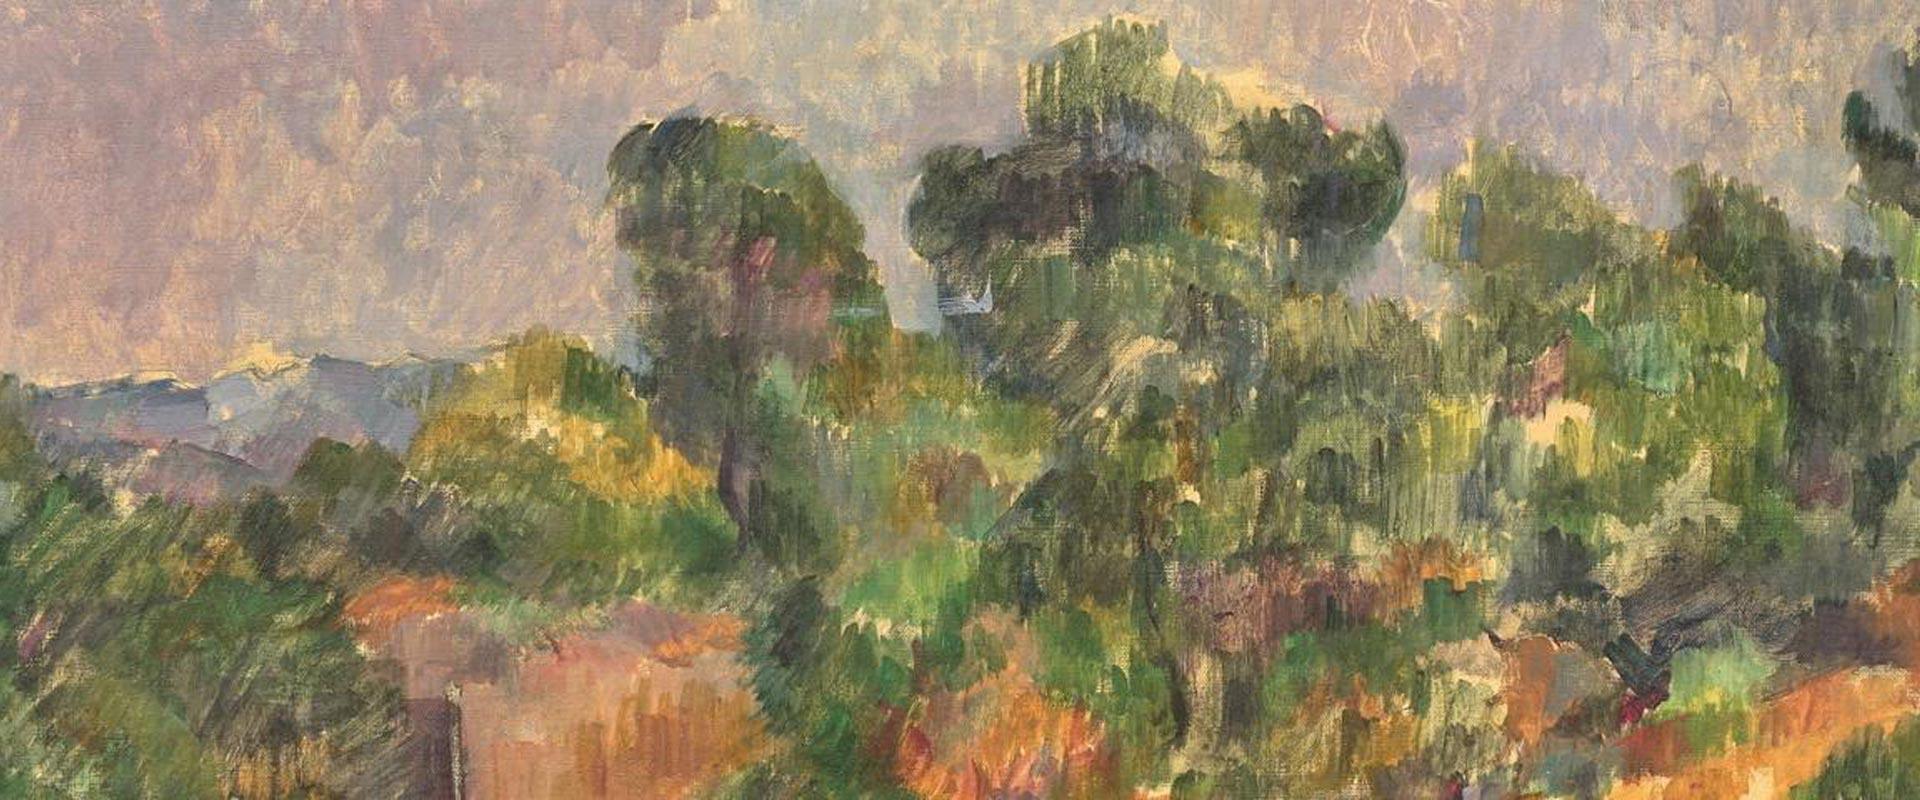 aix-en-provence-expositions-peinture-guggenheim-manet-picasso-collection-thannhauser-fabienne-verdier-cezanne